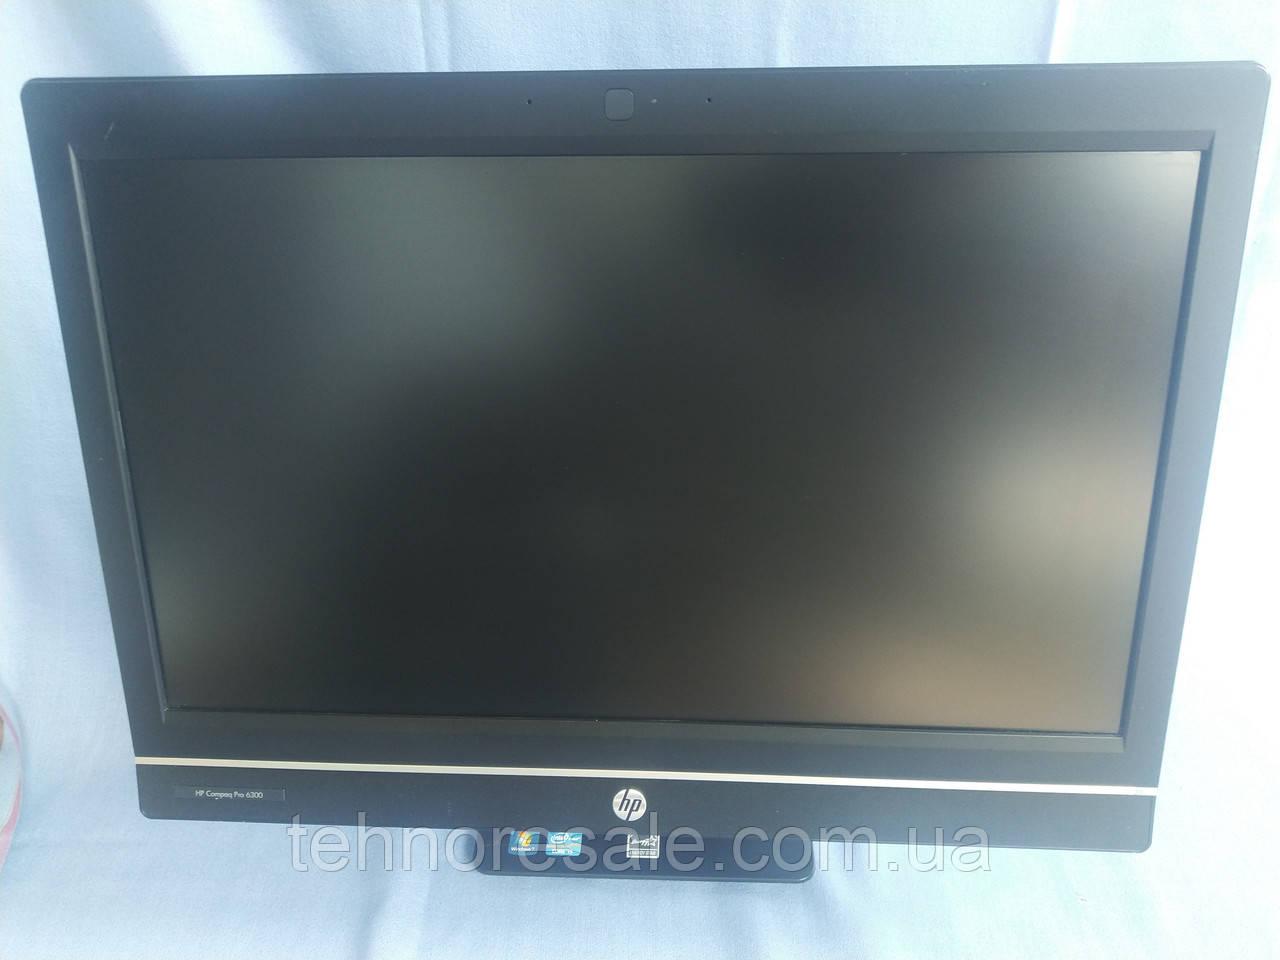 """НР ProОne 6300, 21.5"""", і5-3570S, DDR3 4Gb"""